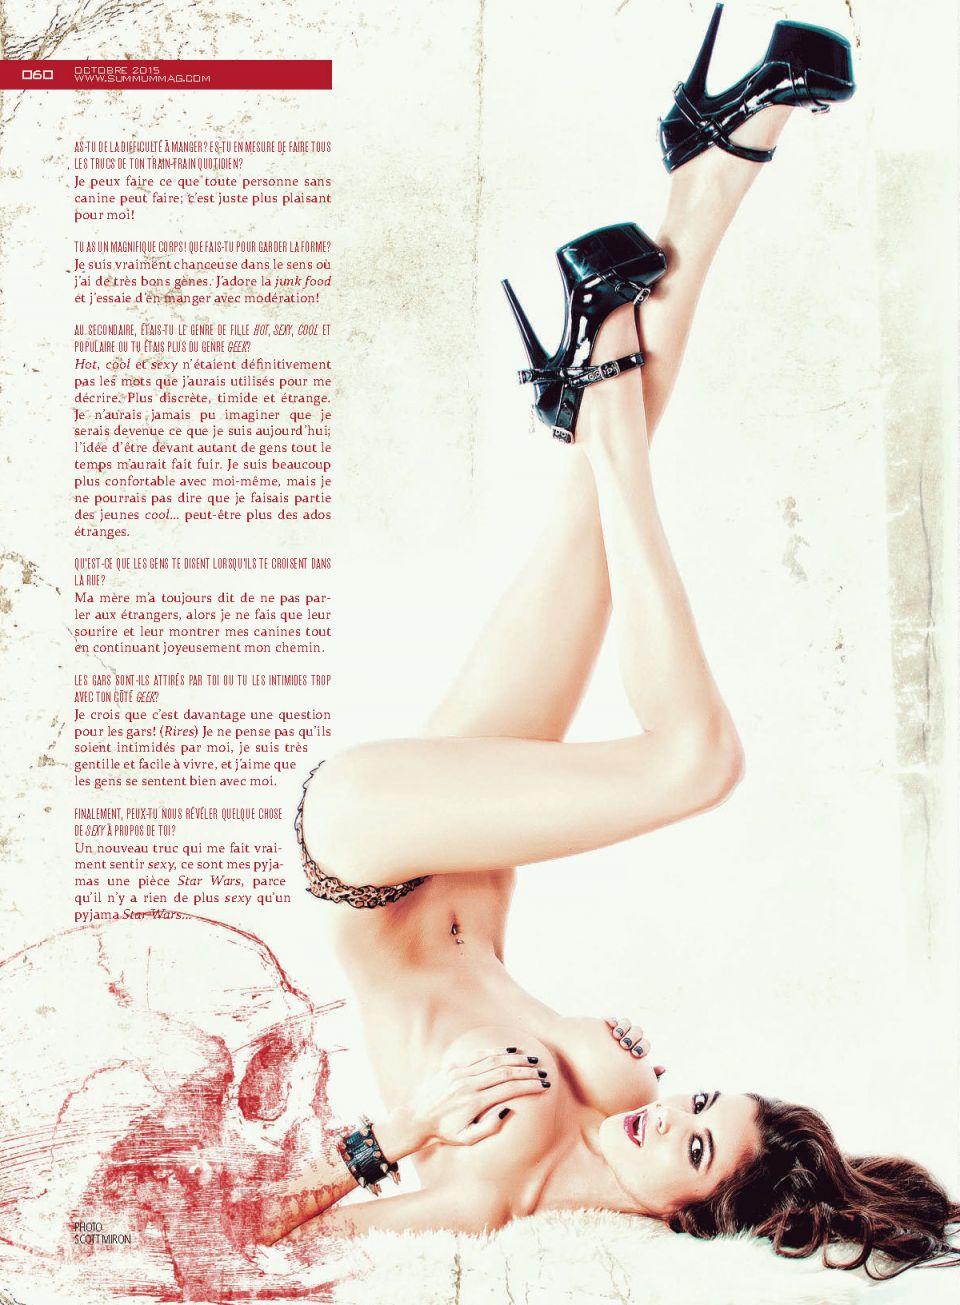 Leeanna Vamp sexy photoshoot (4)